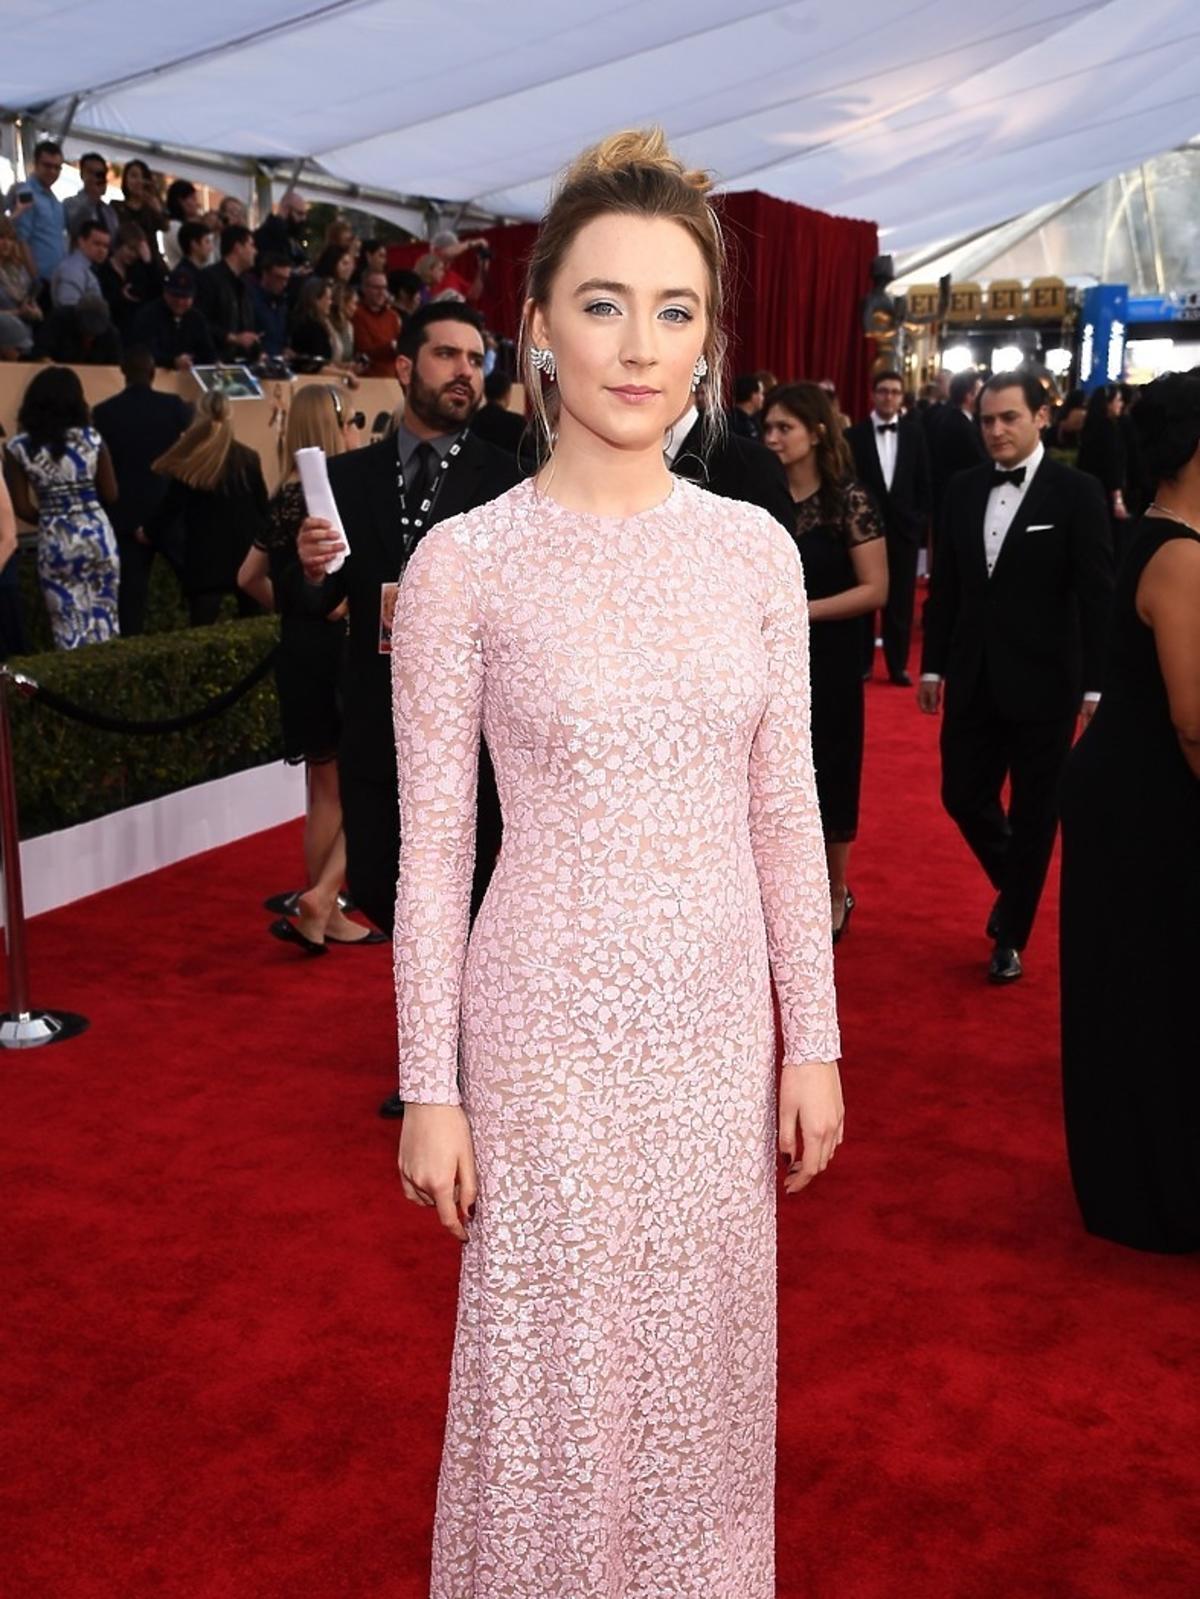 Saoirse Ronan w pastelowej różowej sukni do ziemi na czerwonym dywanie